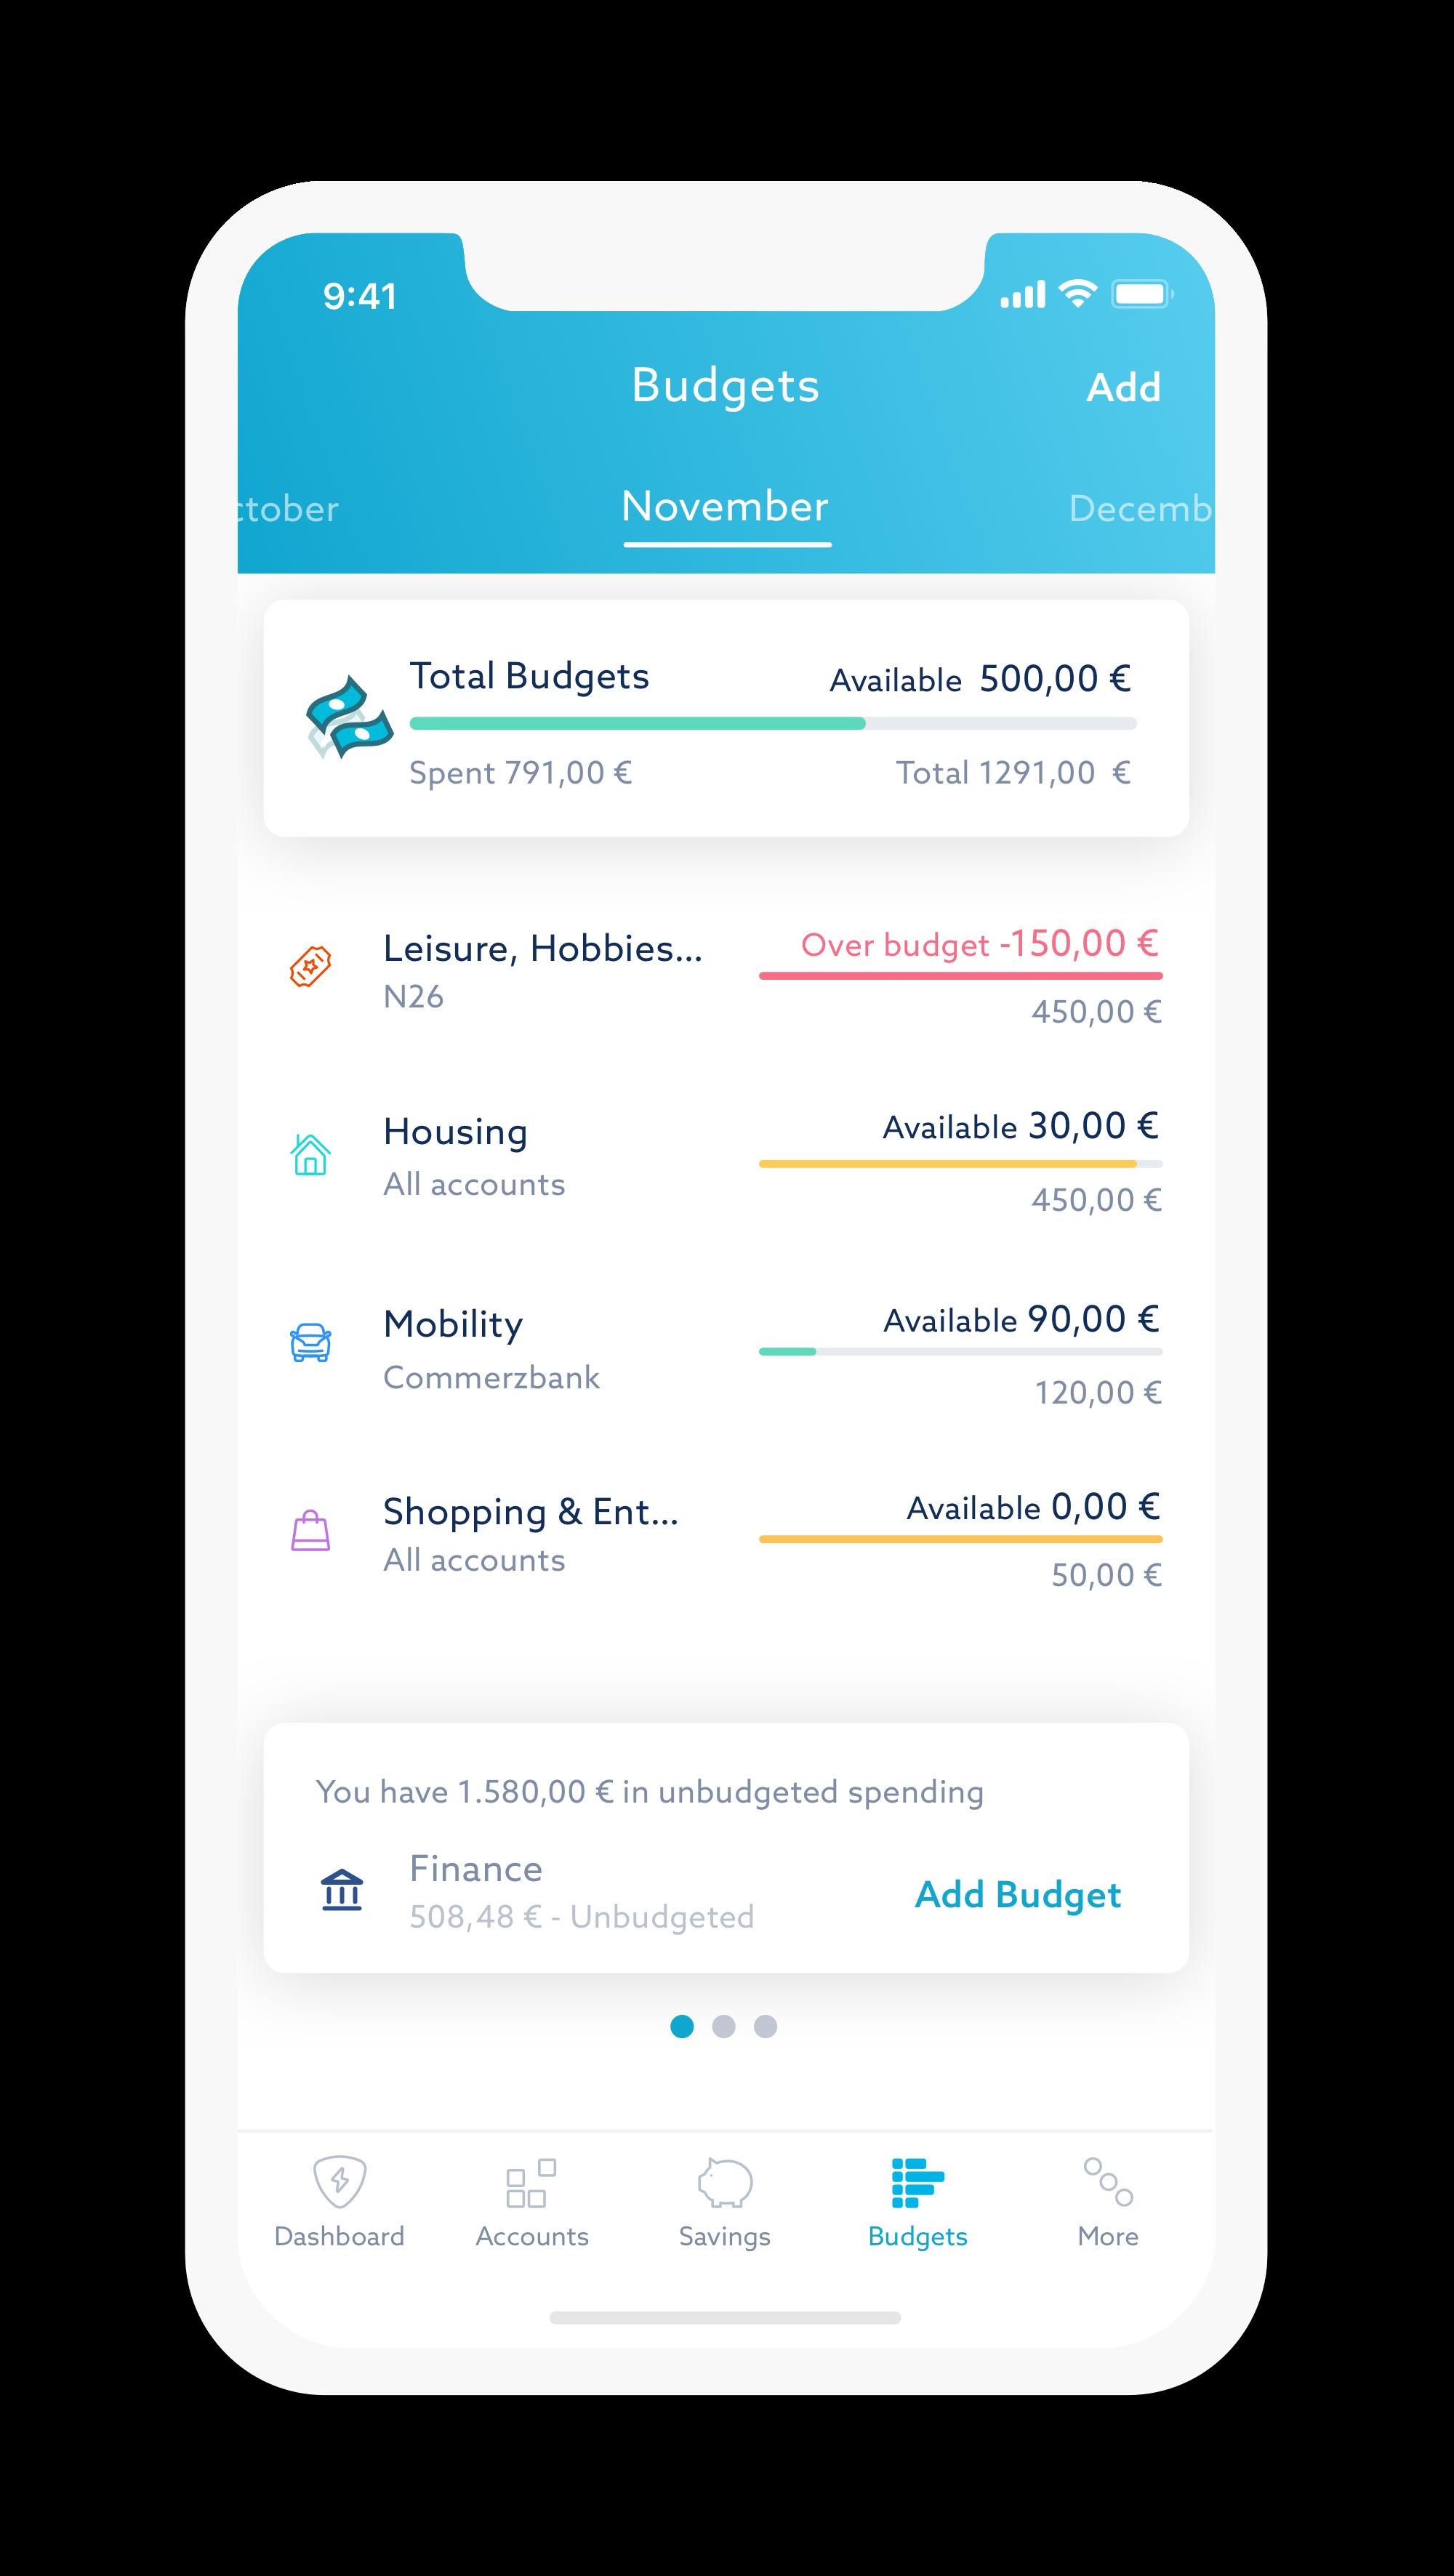 Zuper Budgets